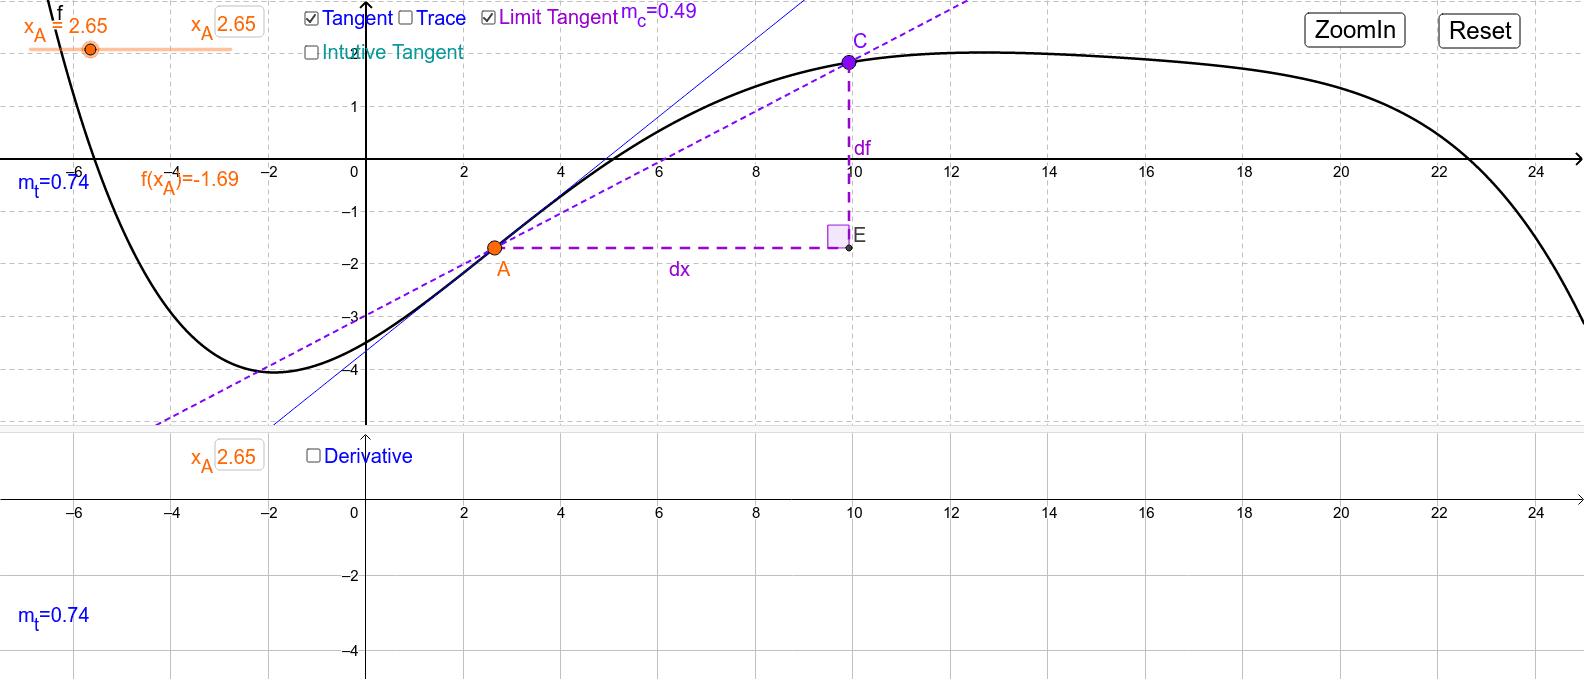 ביחד עם היישומון שעושה אם אותו הדבר בין הנגזרת הראשונה לשנייה ניתן להציג את הקשר בין שלושתן